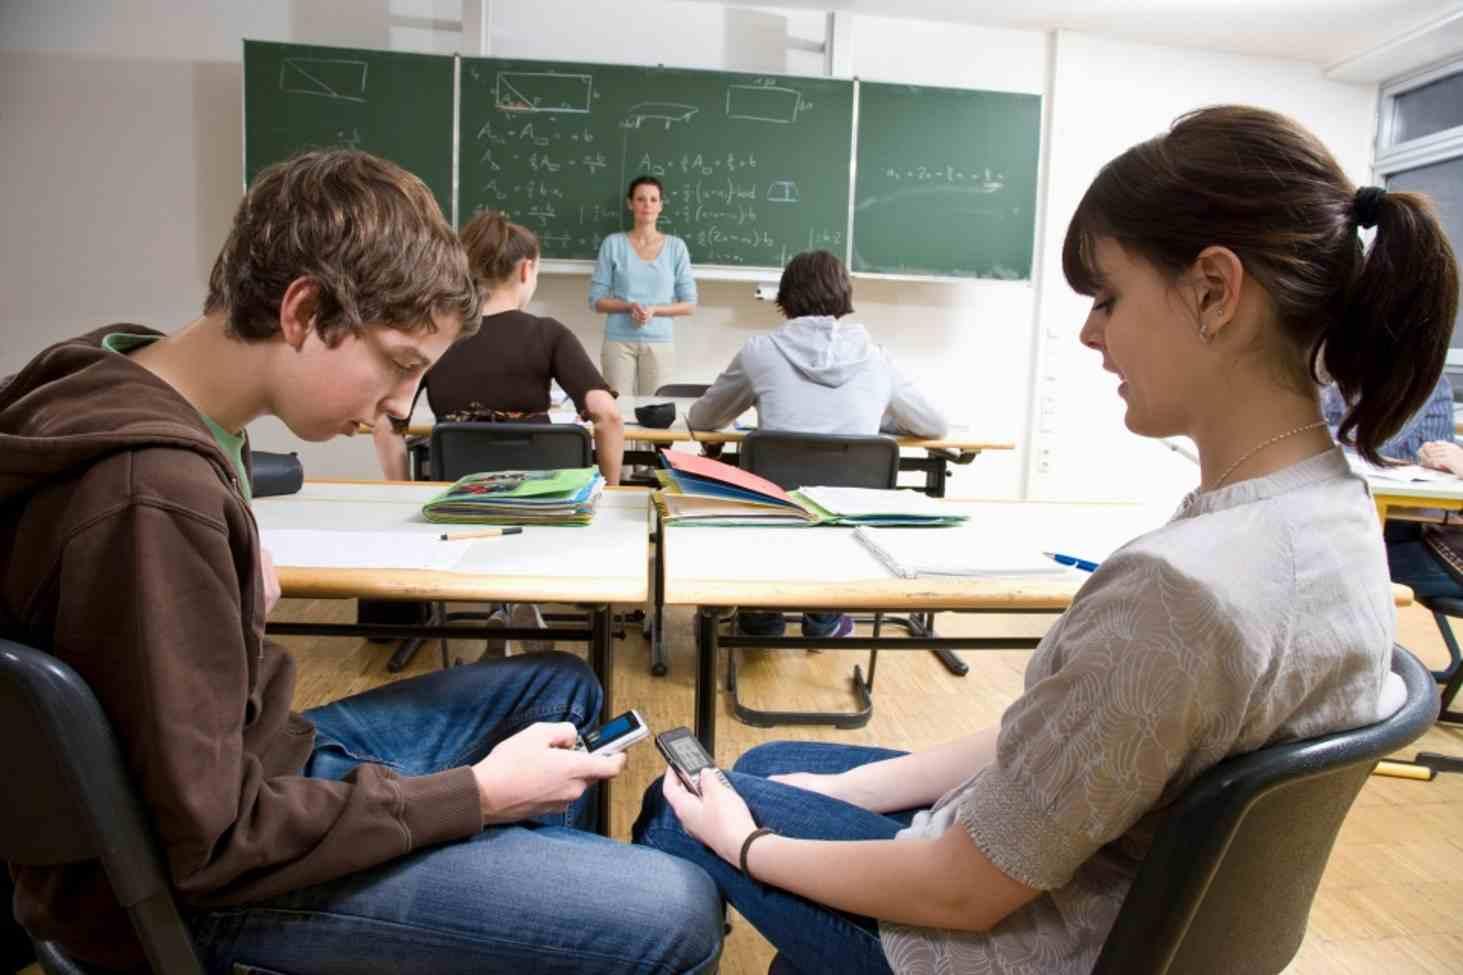 Россияне поддерживают запрет на пользование смартфонами в школе